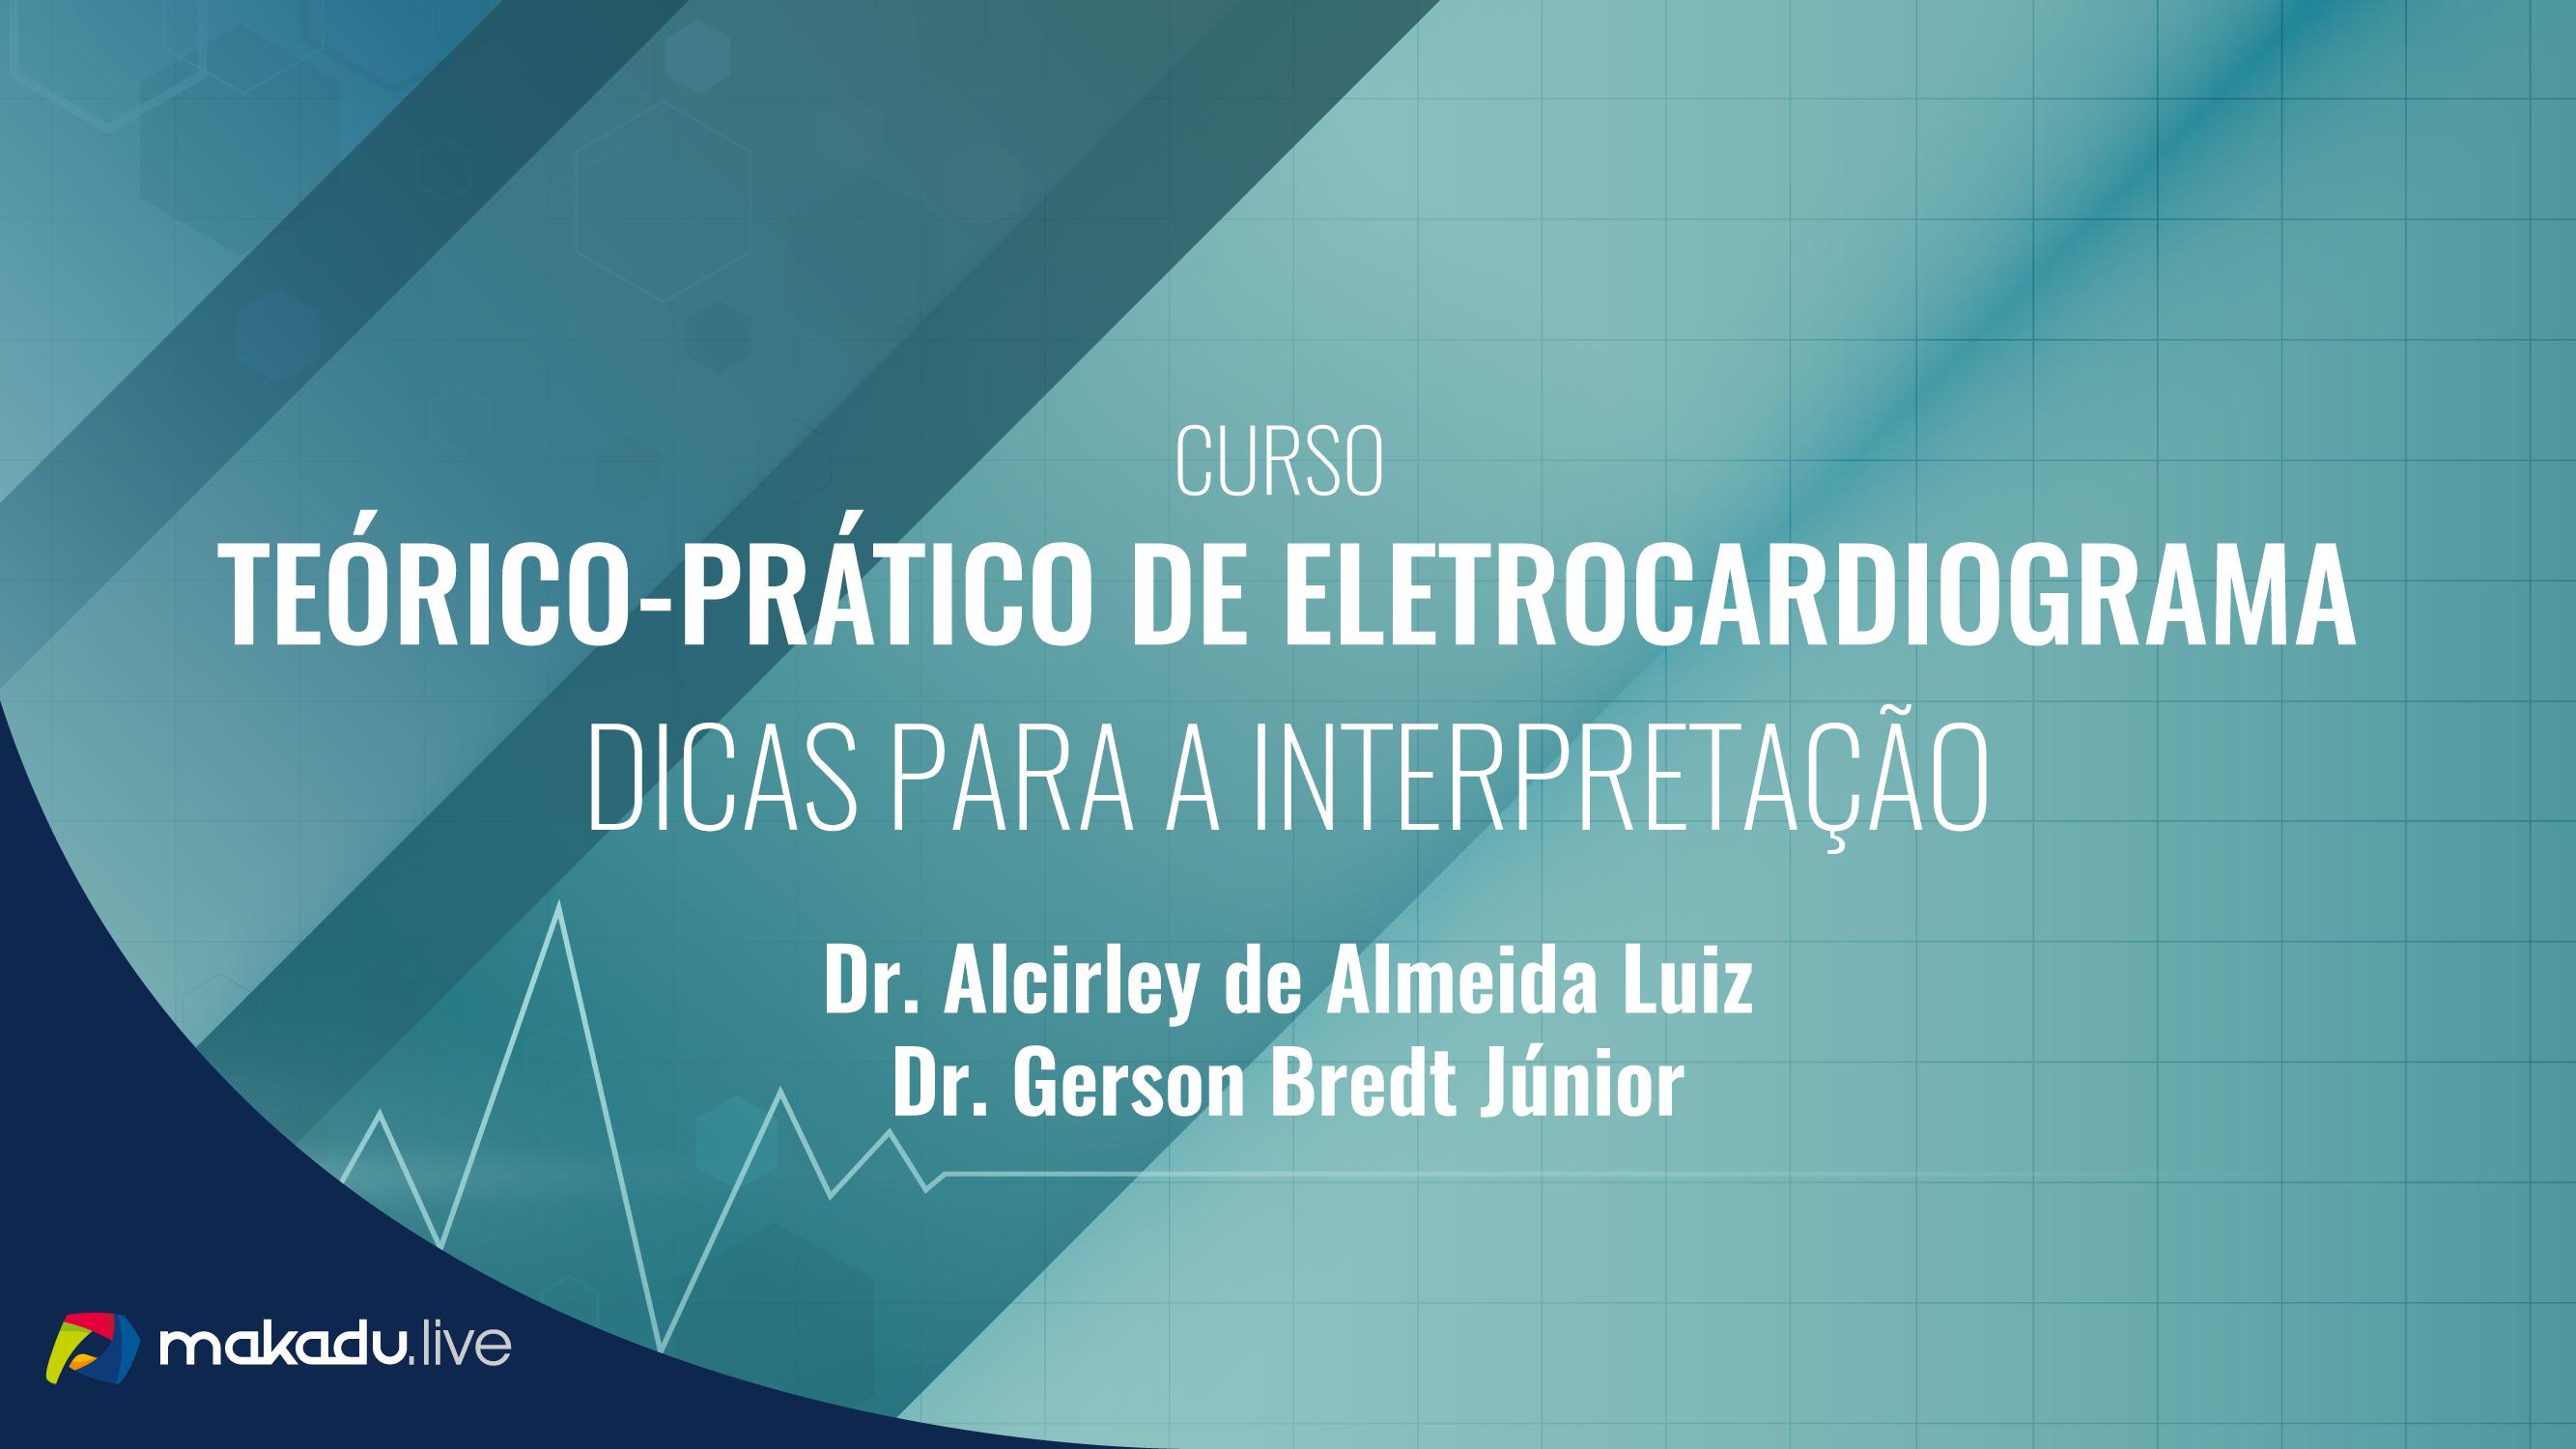 Curso Teórico-Prático de Eletrocardiograma